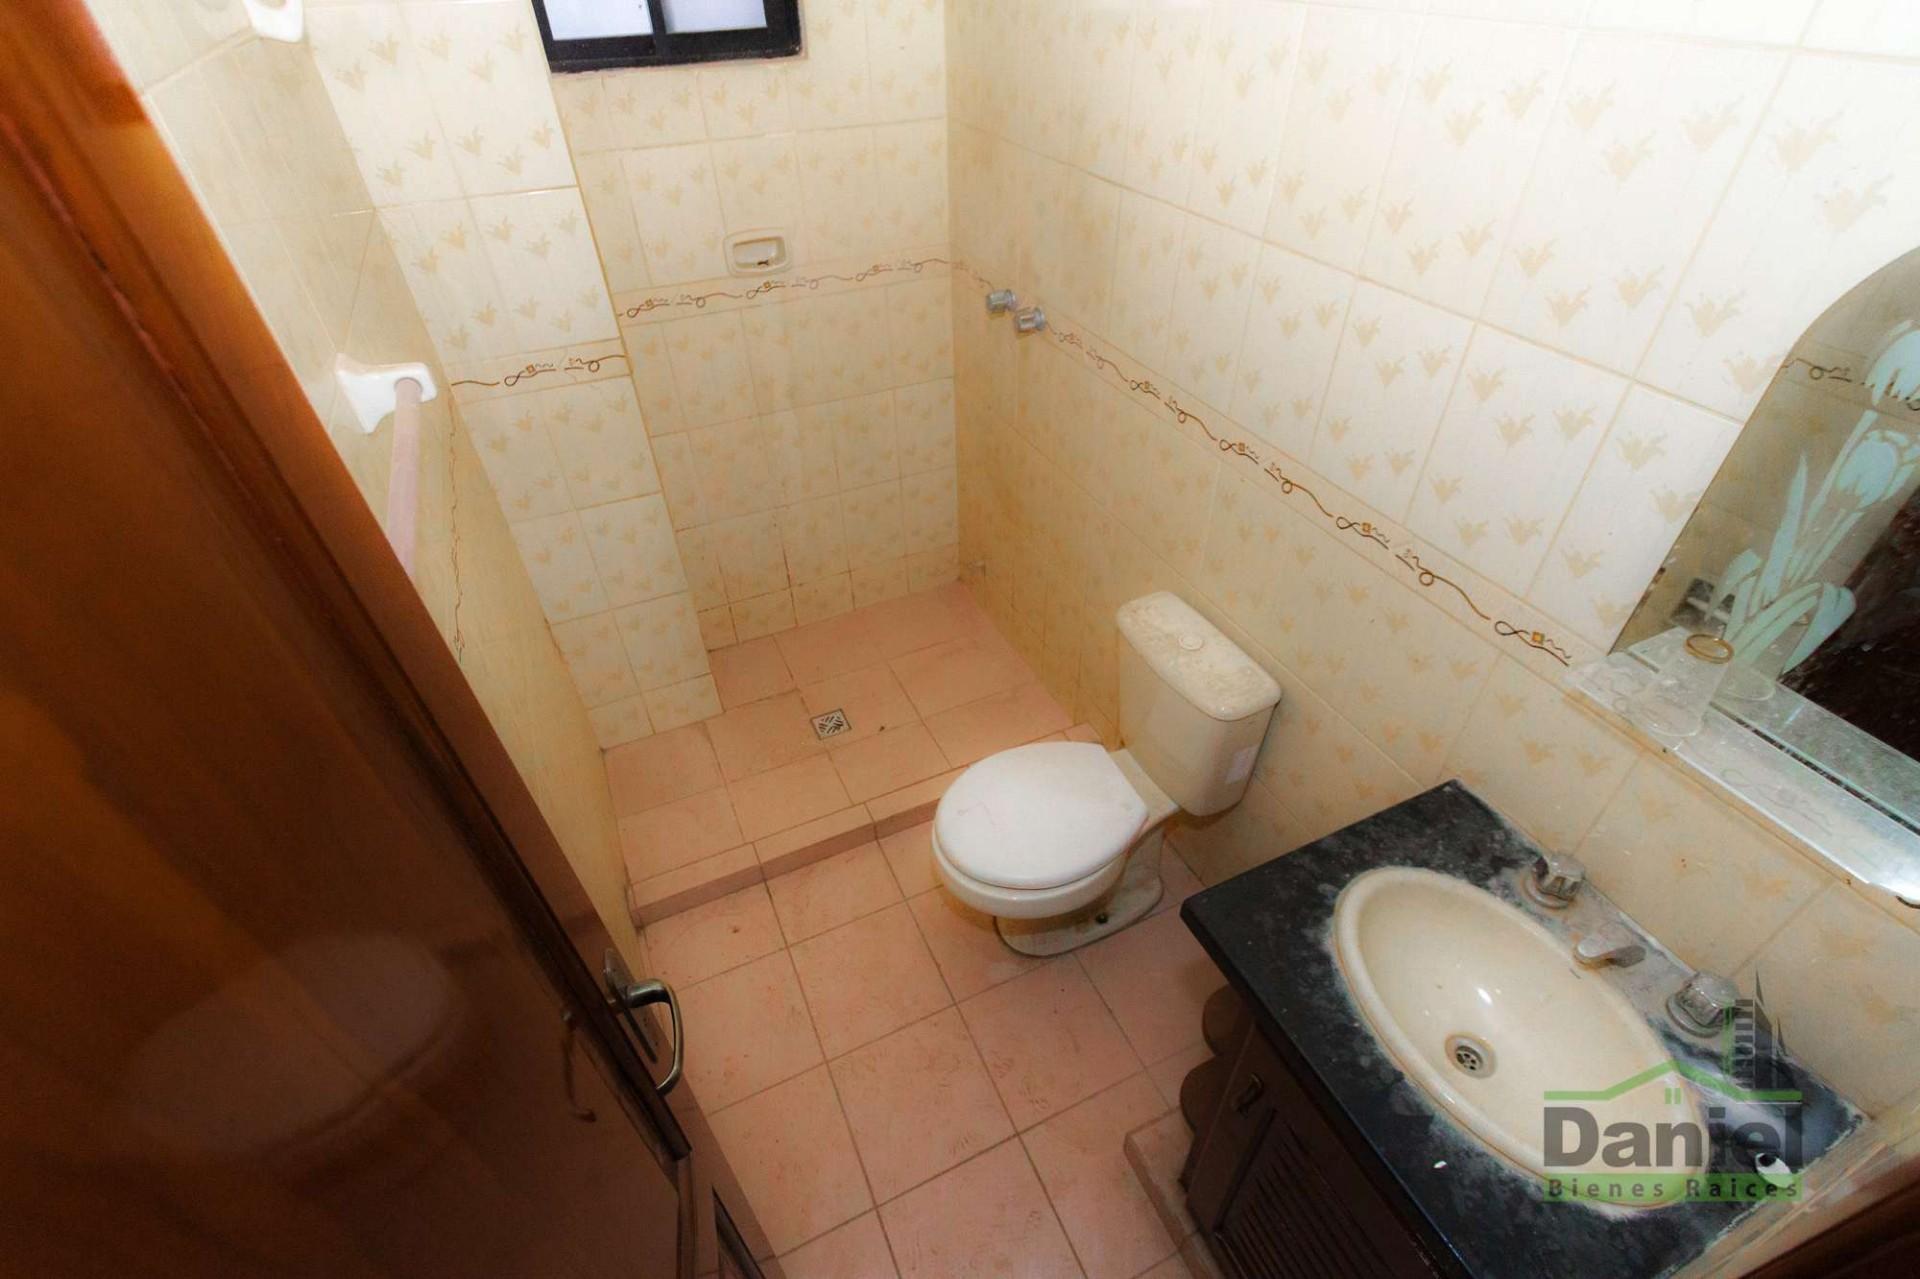 Casa en Venta CASA GRANDE ENTRE 4TO Y 5TO ANILLO RADIAL 27 Foto 9